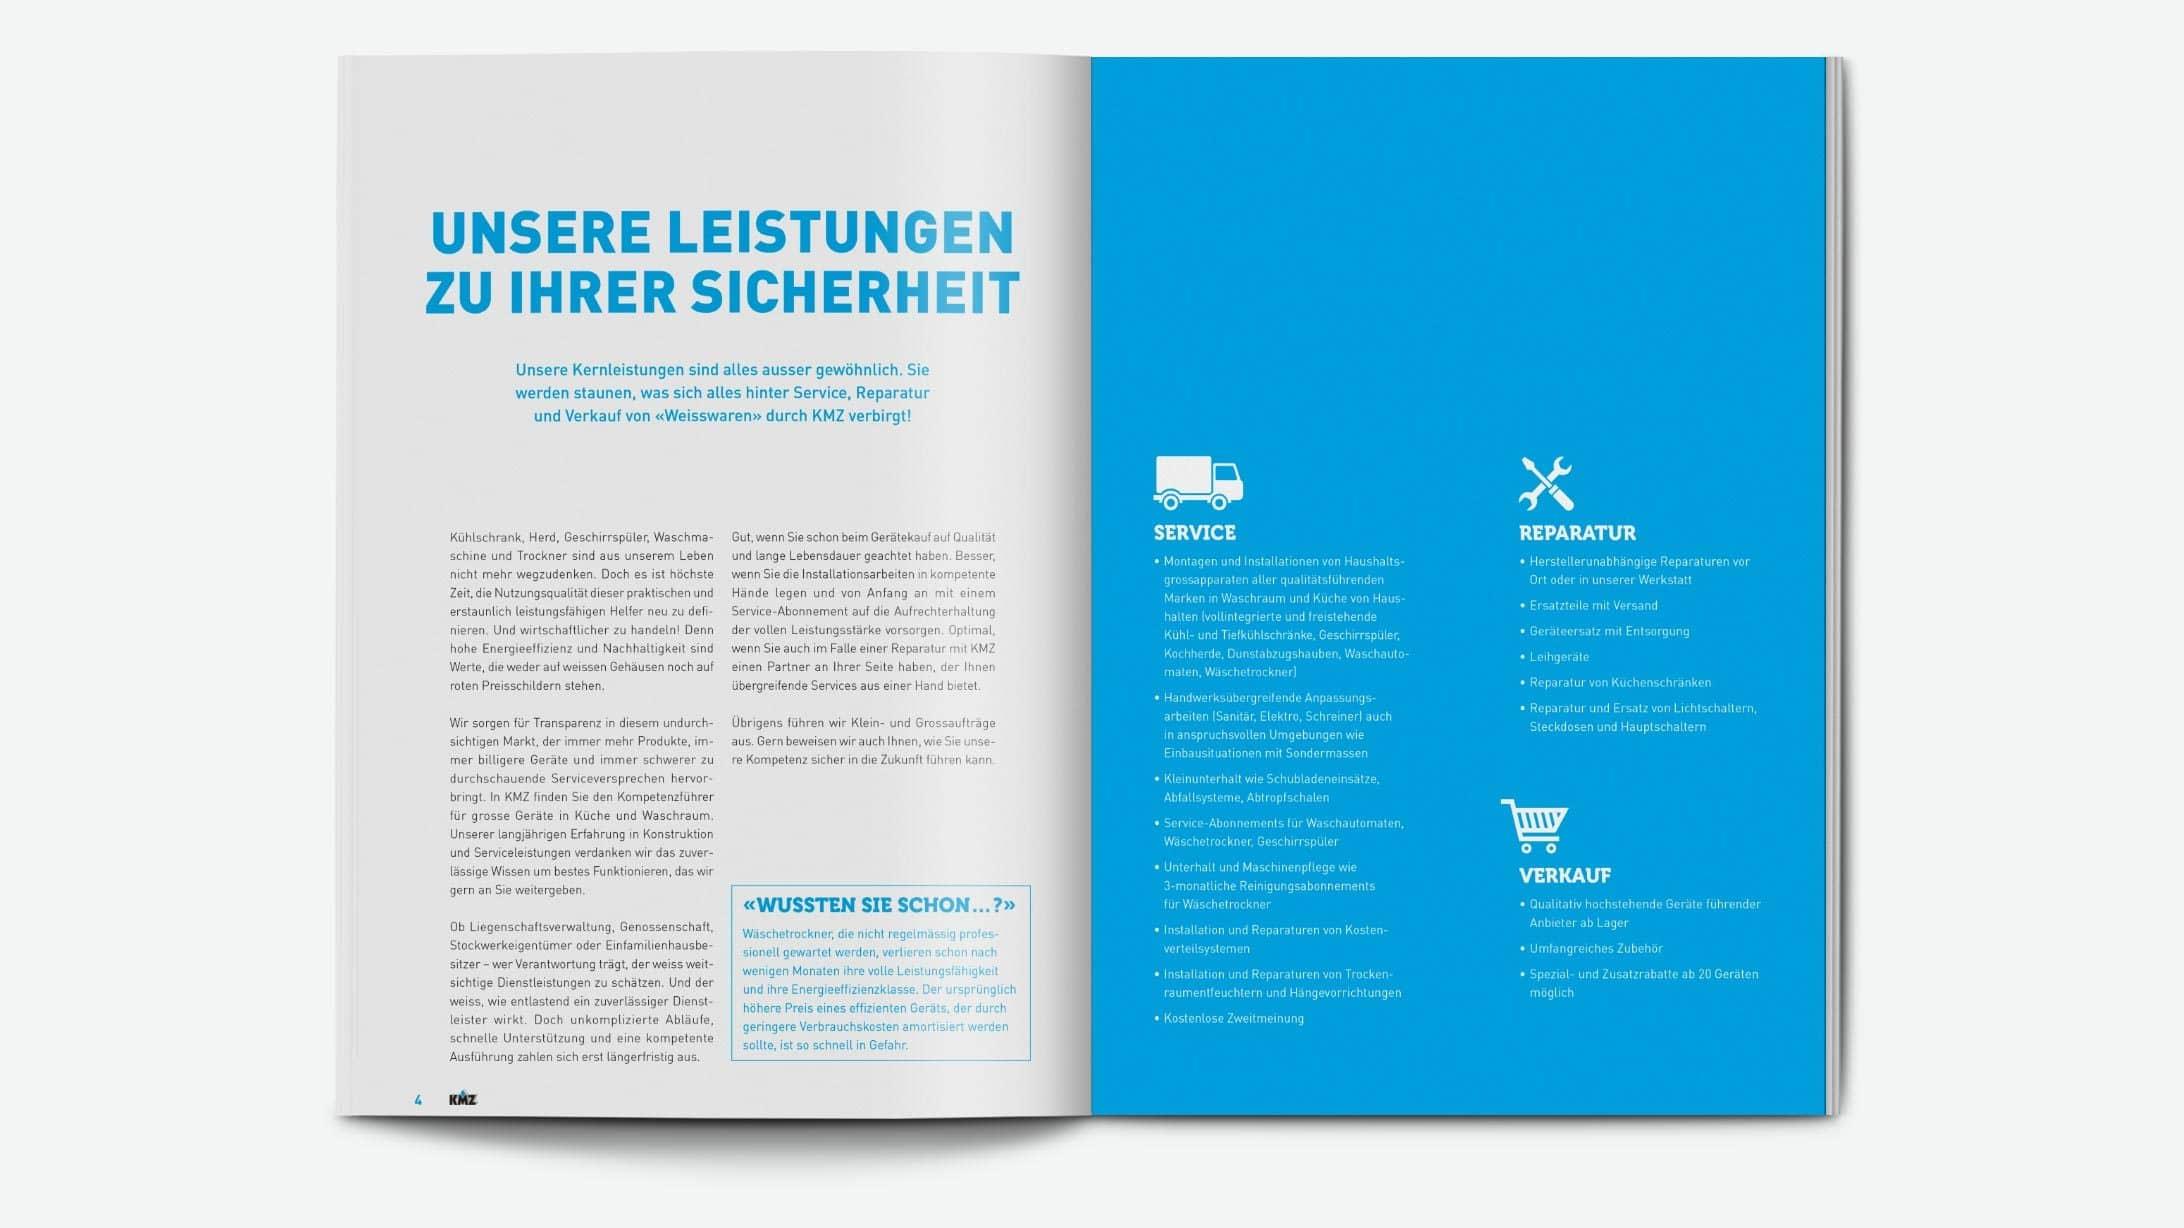 Die Broschüre deckt das ganze Leistungsspektrum von KMZ & Partner ab.